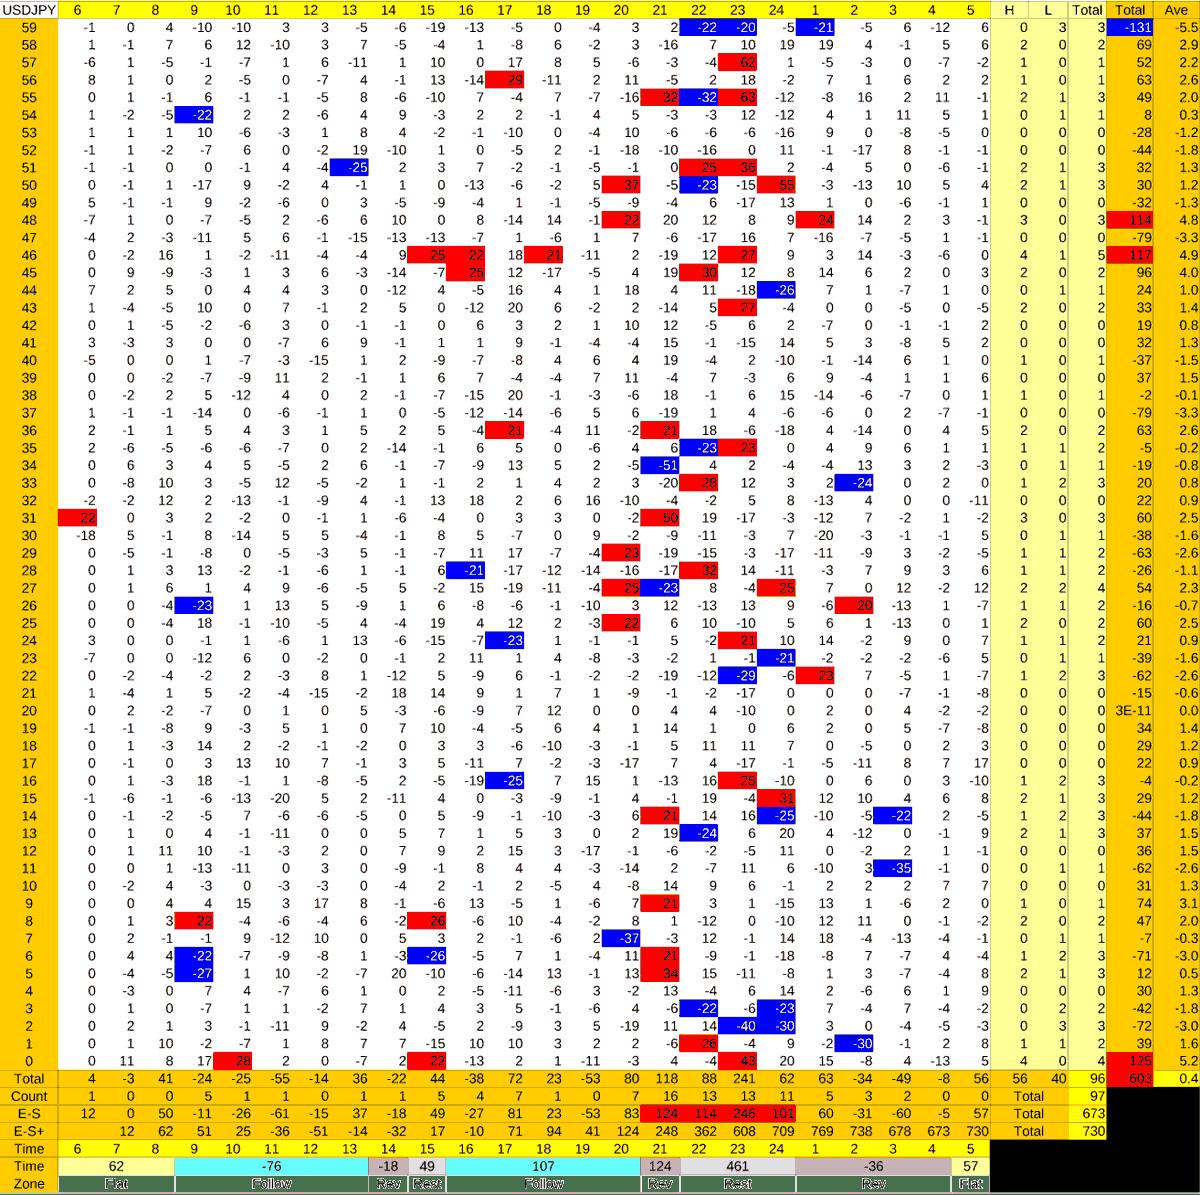 20210527_HS(1)USDJPY